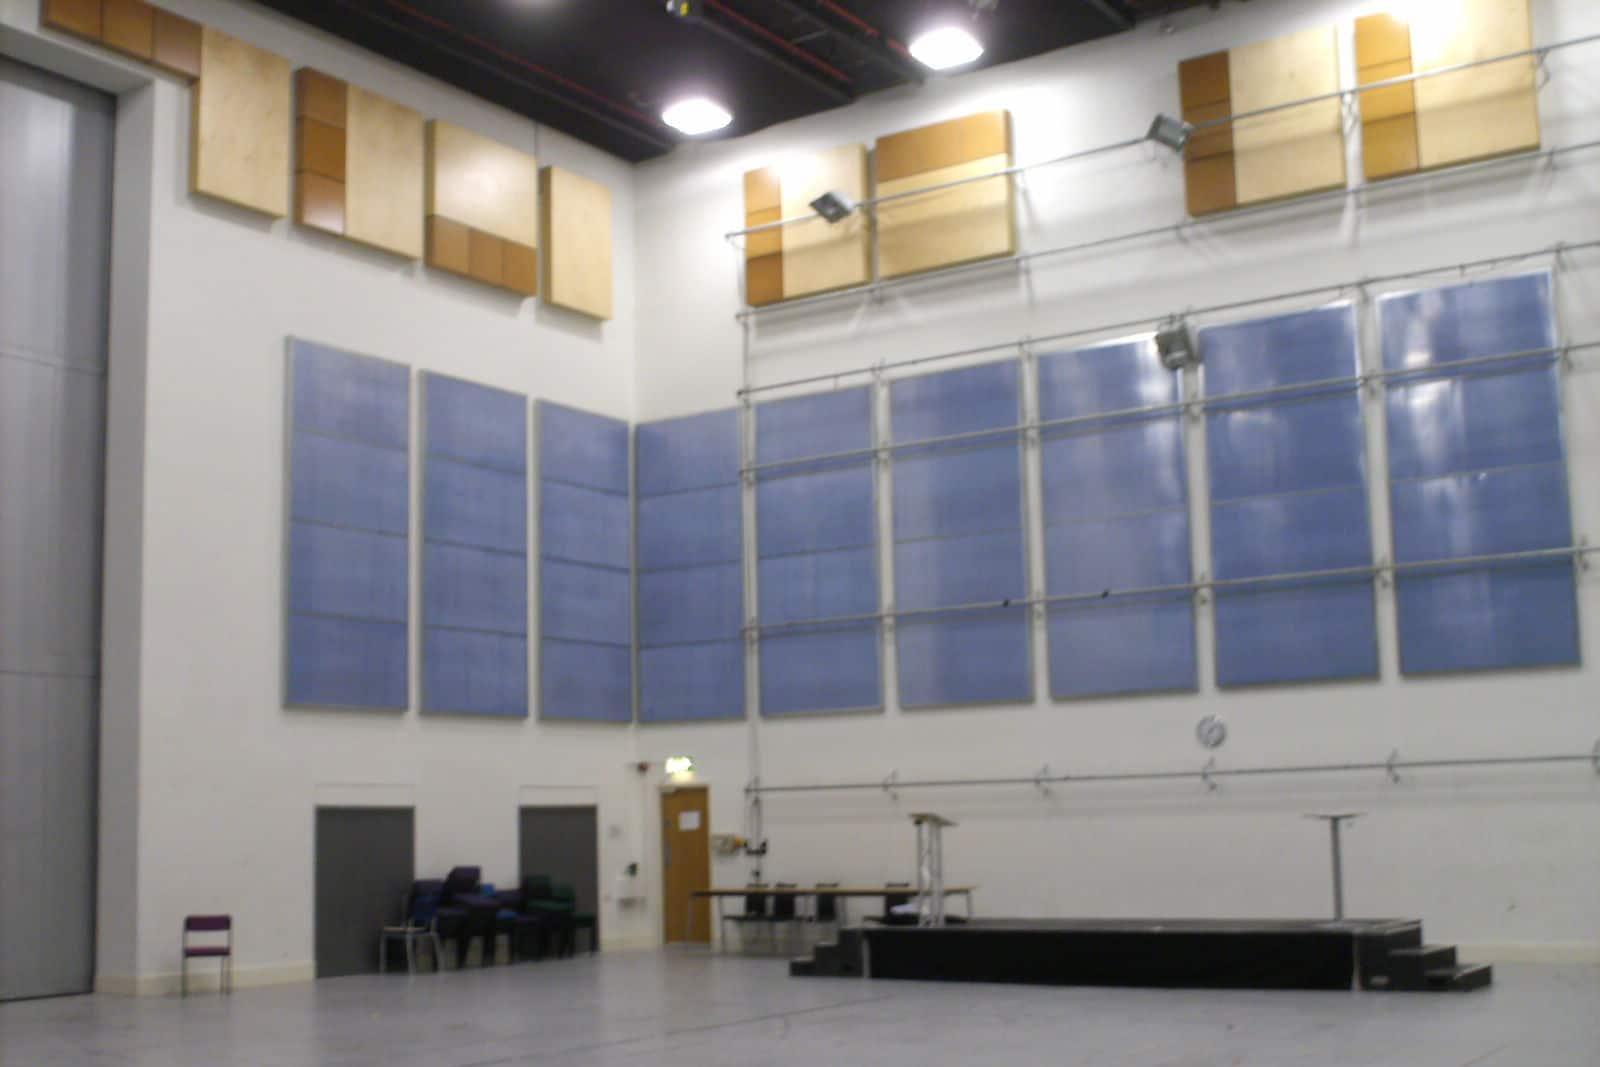 Empty rehearsal room